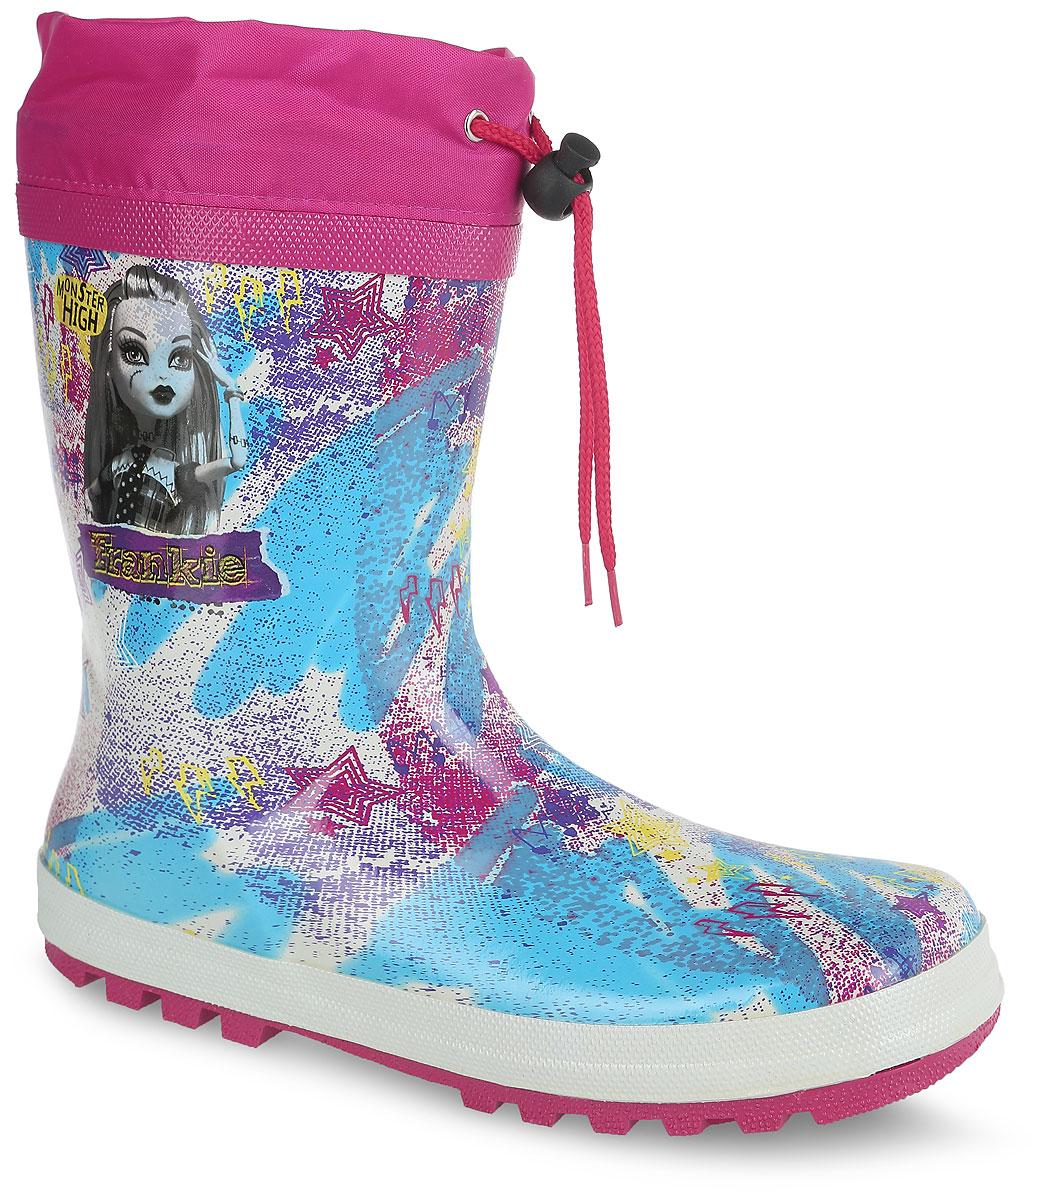 6070BЯркие резиновые сапоги Monster High от Kakadu превосходно защитят ноги вашей девочки от промокания в дождливый день. Сапоги, выполненные из резины, оформлены красочным принтом и изображением героини мультсериала Monster High. Внутренняя поверхность изготовлена из текстильного материала. Съемная стелька из ЭВА материала с верхней поверхностью из текстиля создаст комфорт при ходьбе. Текстильный верх голенища регулируется в объеме за счет шнурка со стоппером. Рельефная поверхность подошвы гарантирует отличное сцепление с любой поверхностью. Качественная и комфортная обувь с изображениями любимых персонажей порадует юных поклонниц мультсериала Monster High.